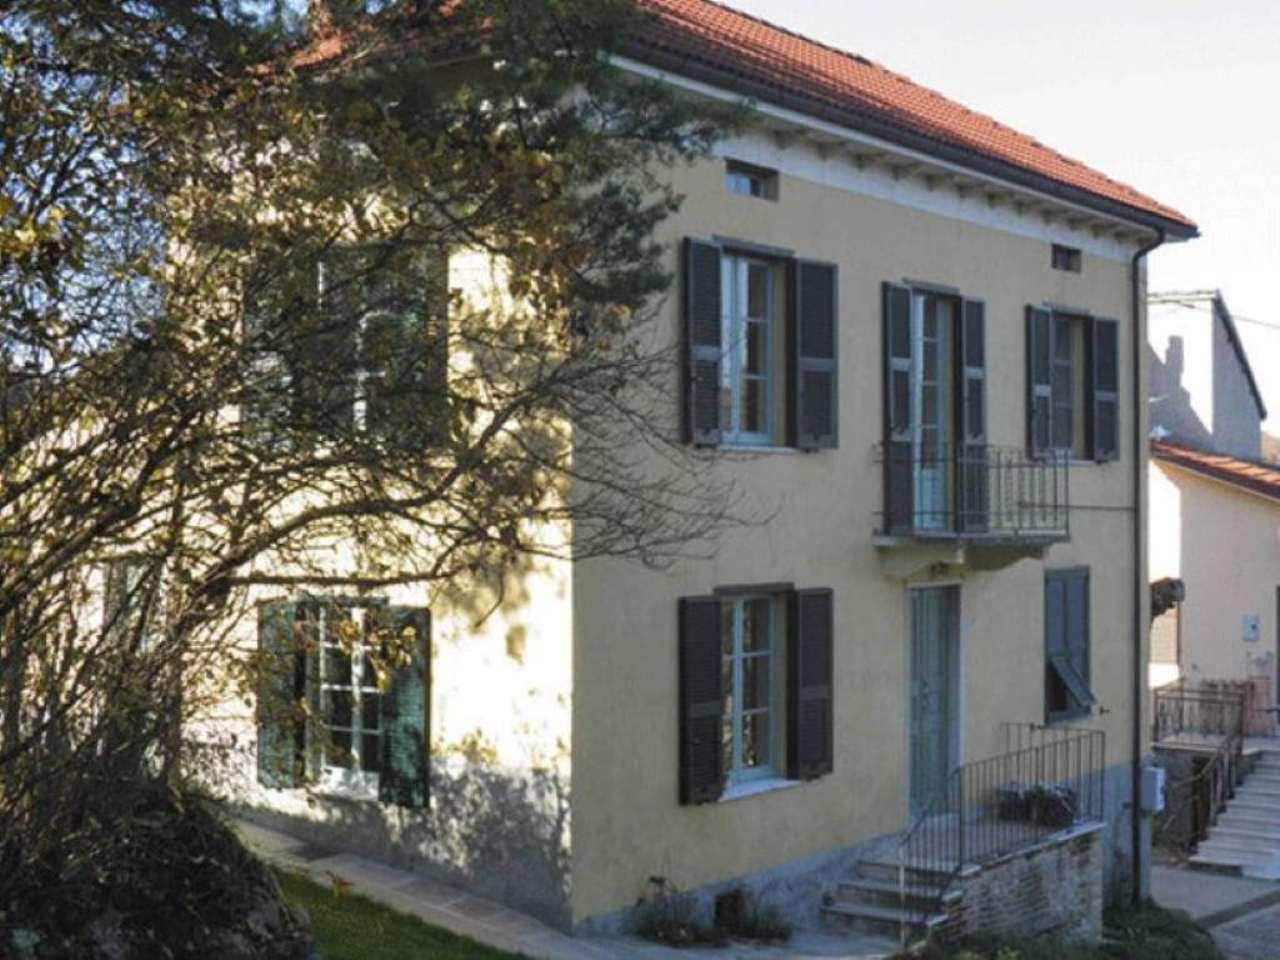 Foto 1 di Casa indipendente Strada per Morbello, Cassinelle